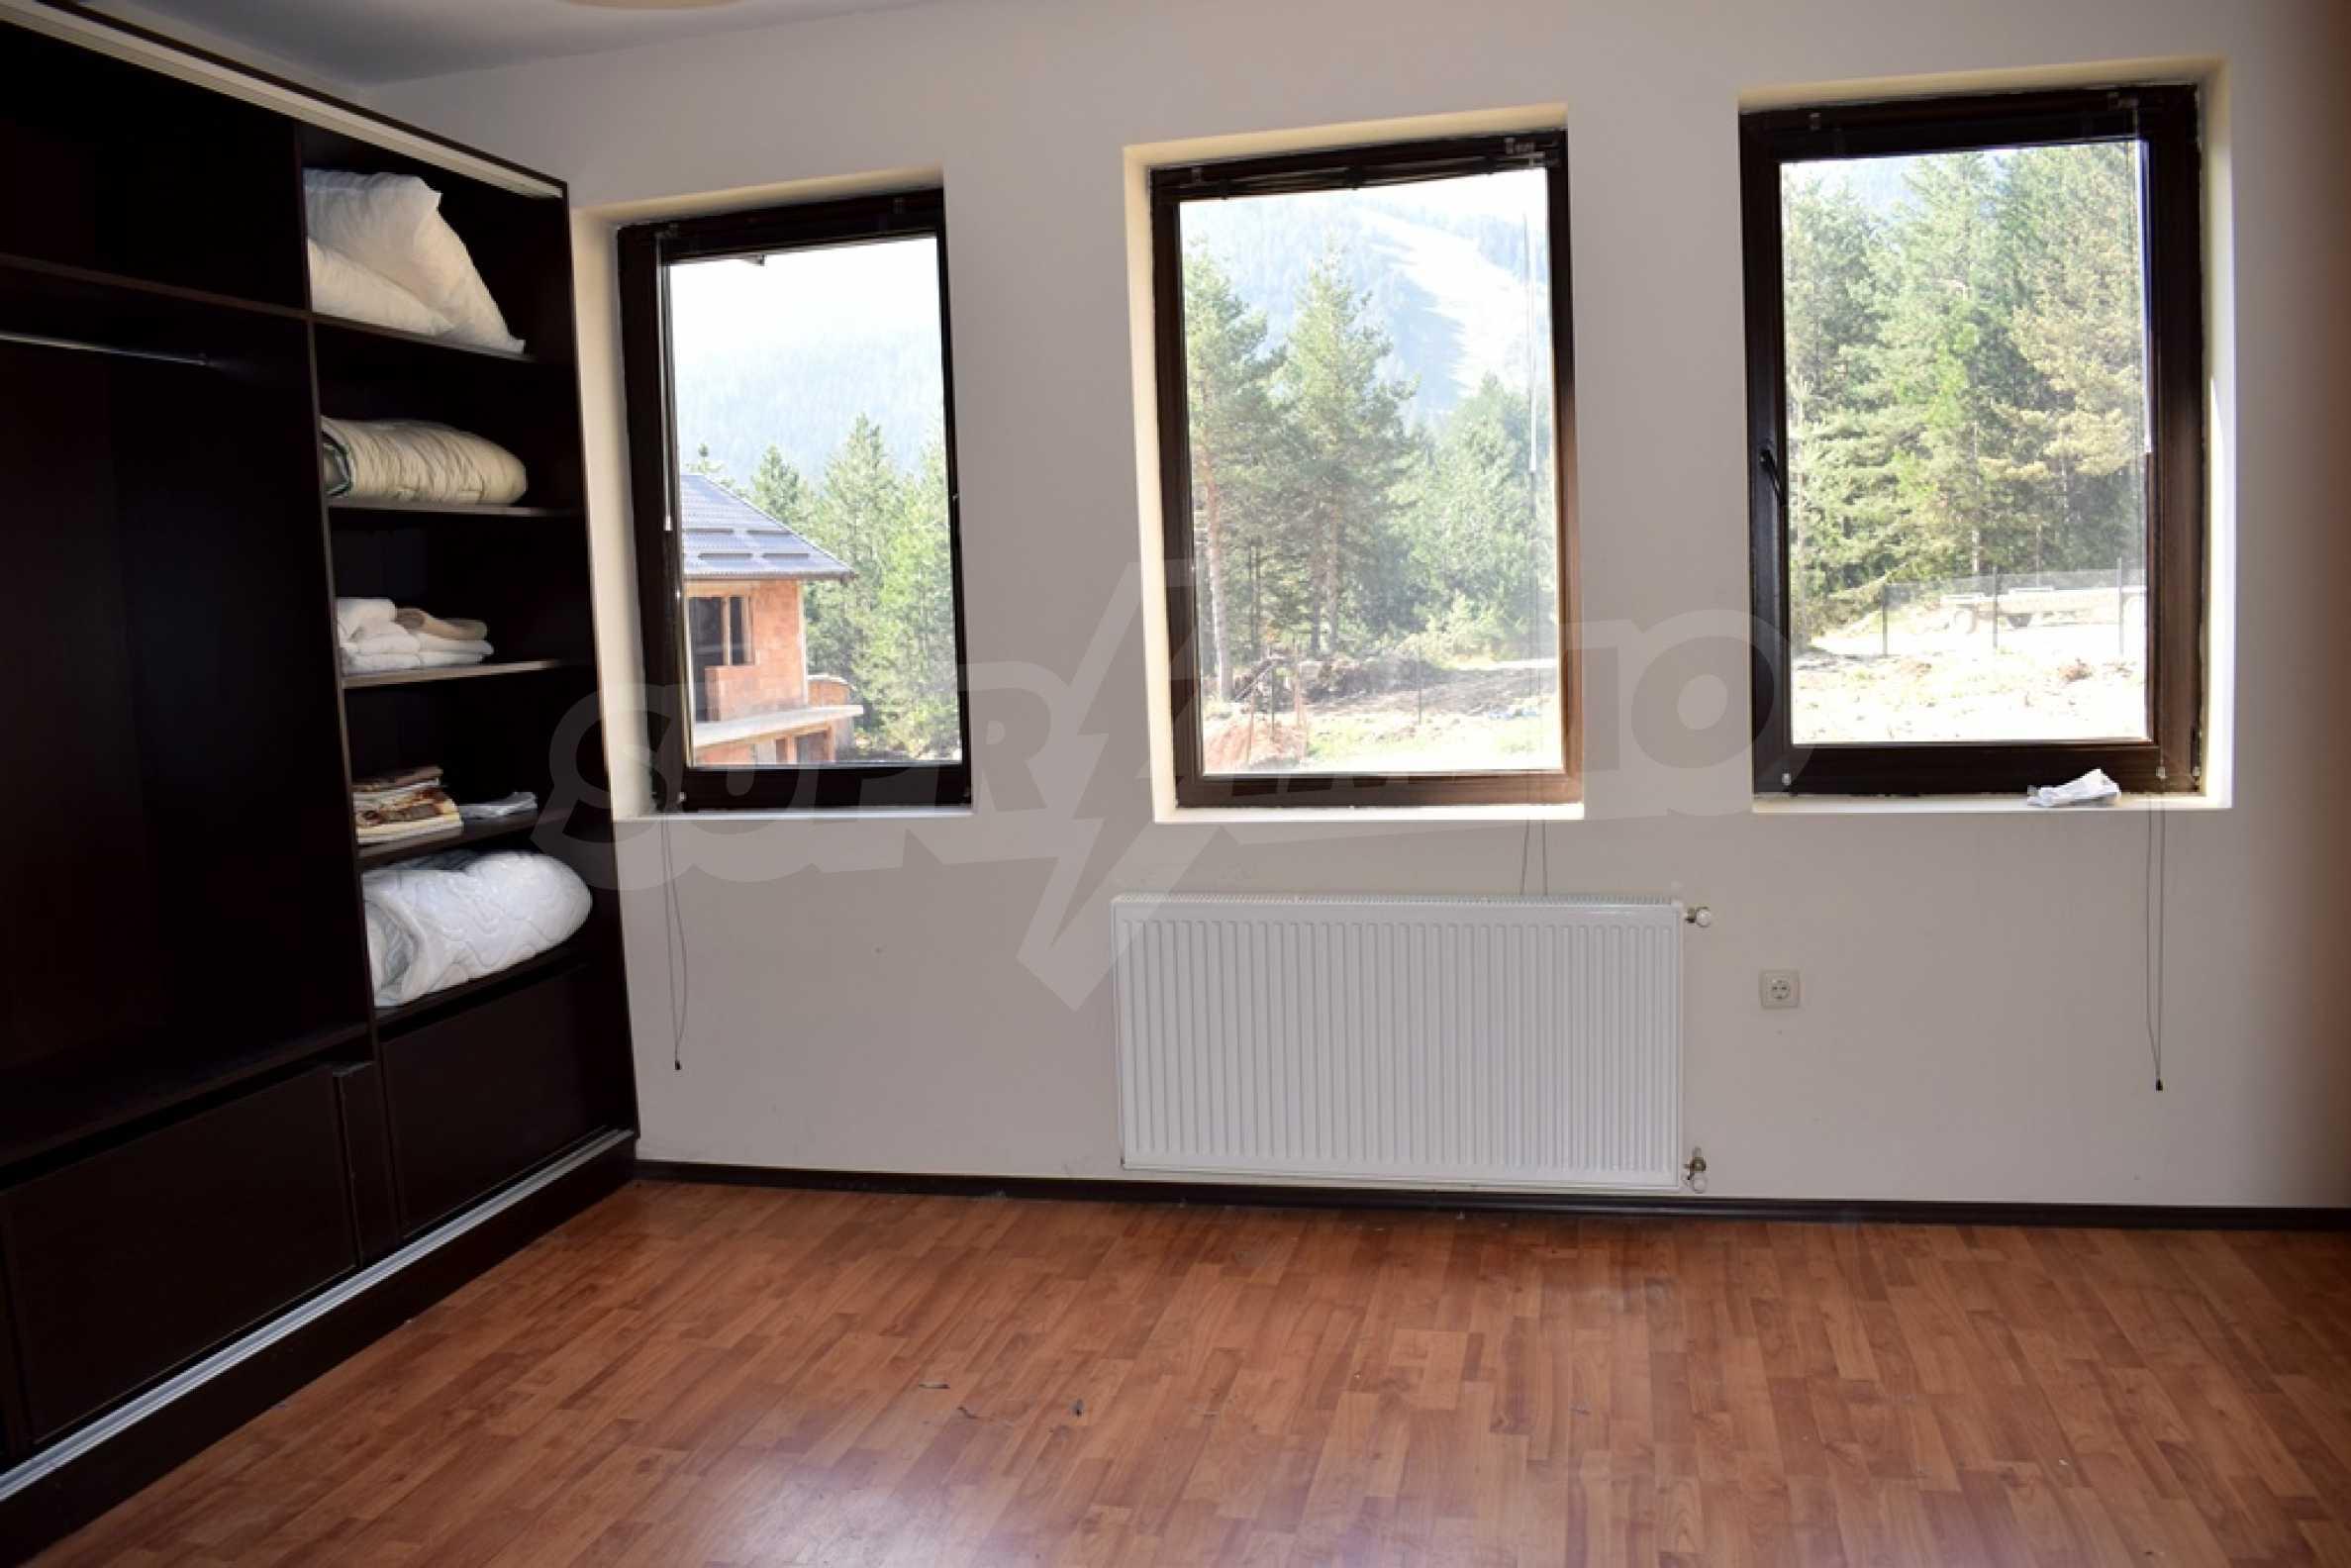 Двуетажна къща за продажба в спокоен и тих район 4